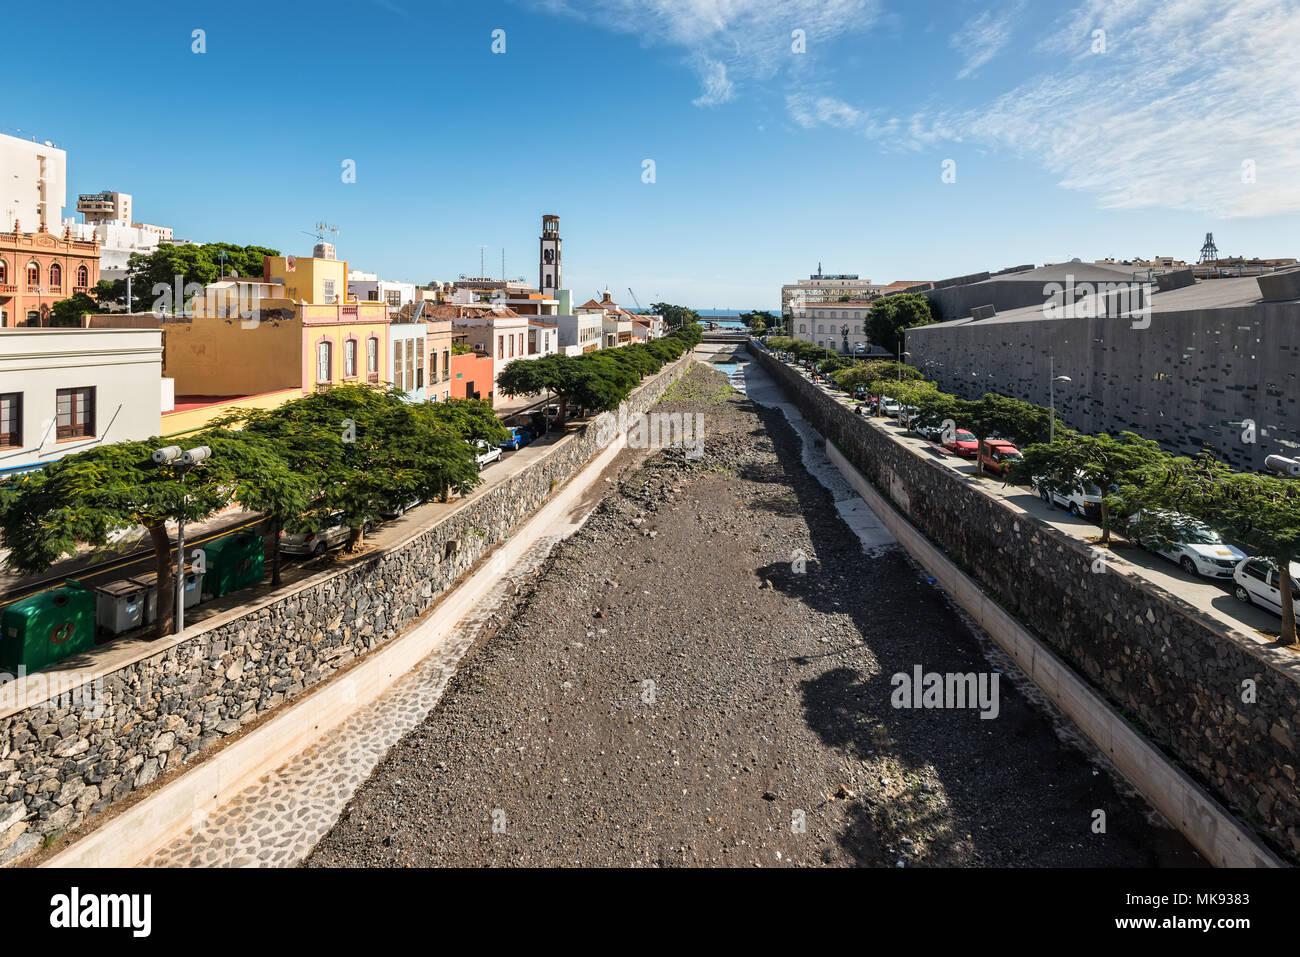 Santa Cruz de Tenerife, Canary Islands, Spain - Desember 11, 2016: The Barranco de los Santos river in Santa Cruz de Tenerife, Canary Islands, Spain.  Stock Photo